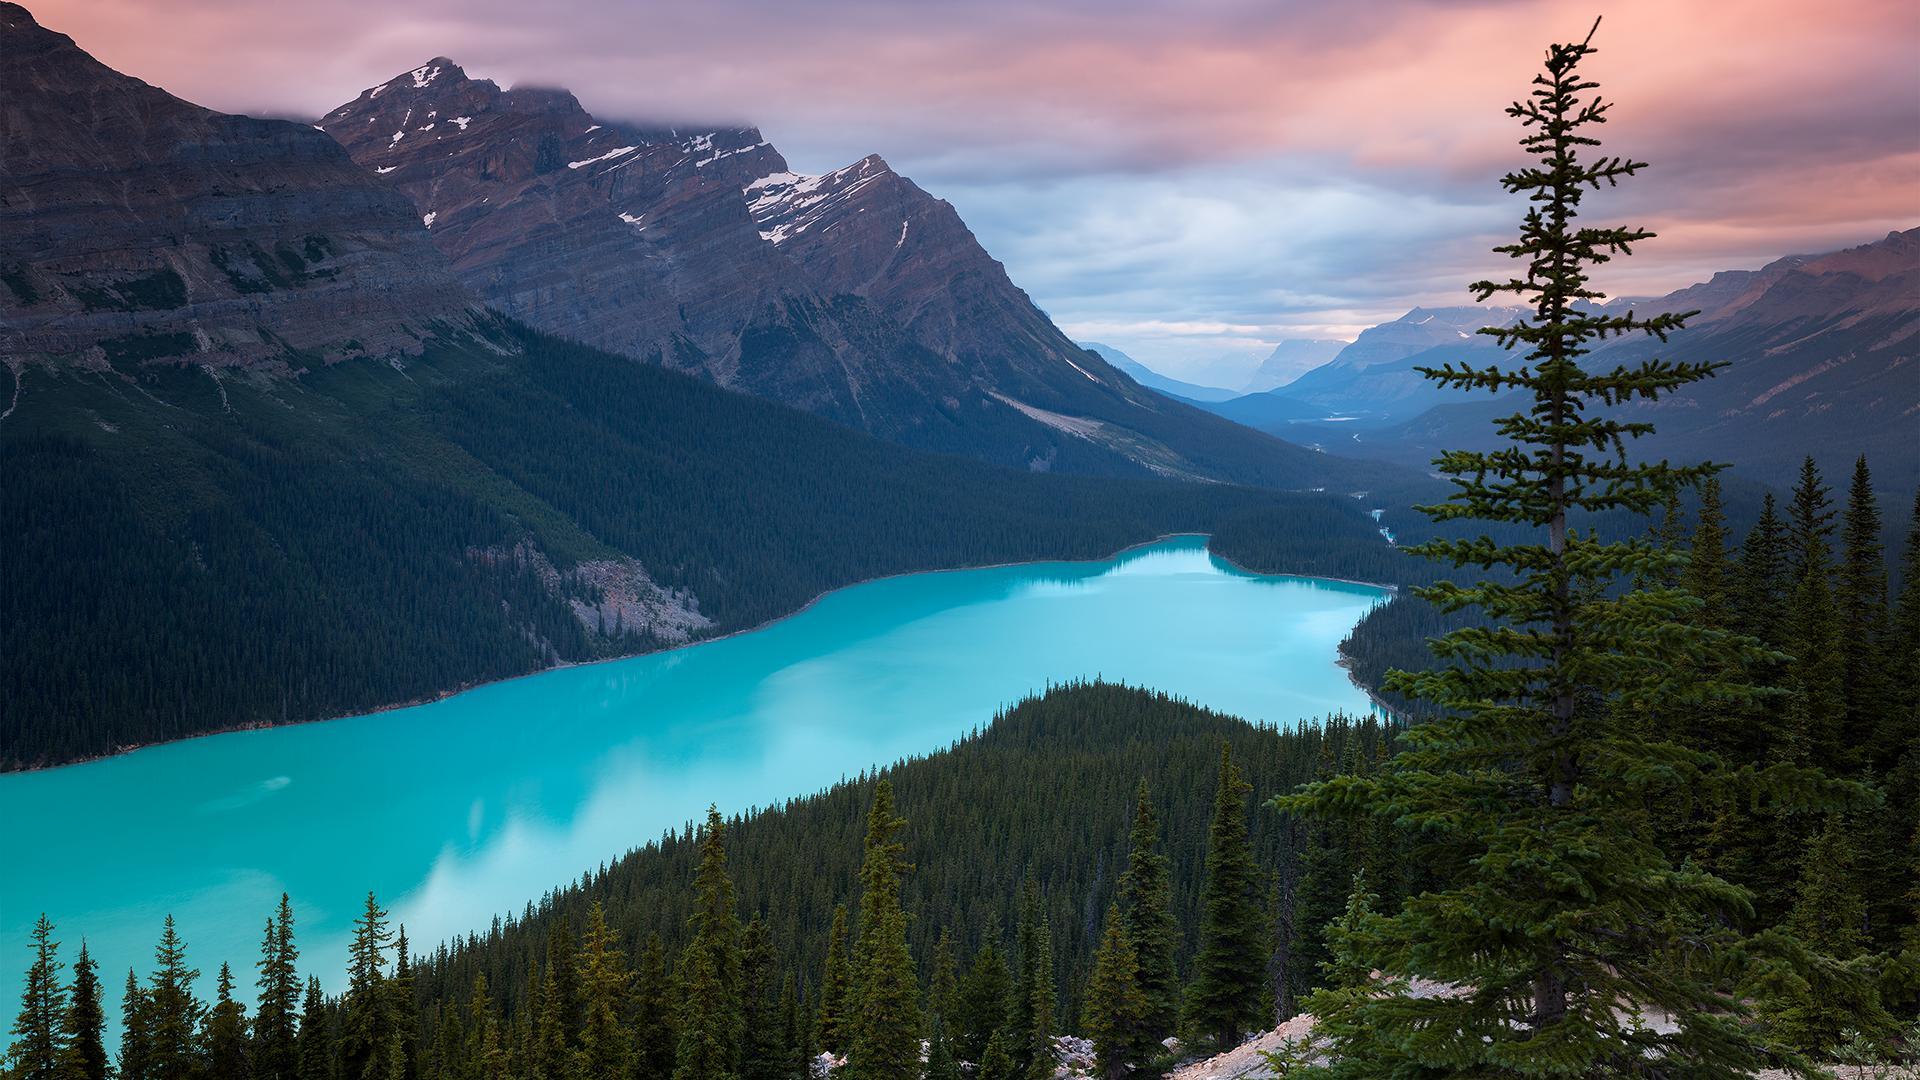 唯美绿色风景图片高清宽屏壁纸